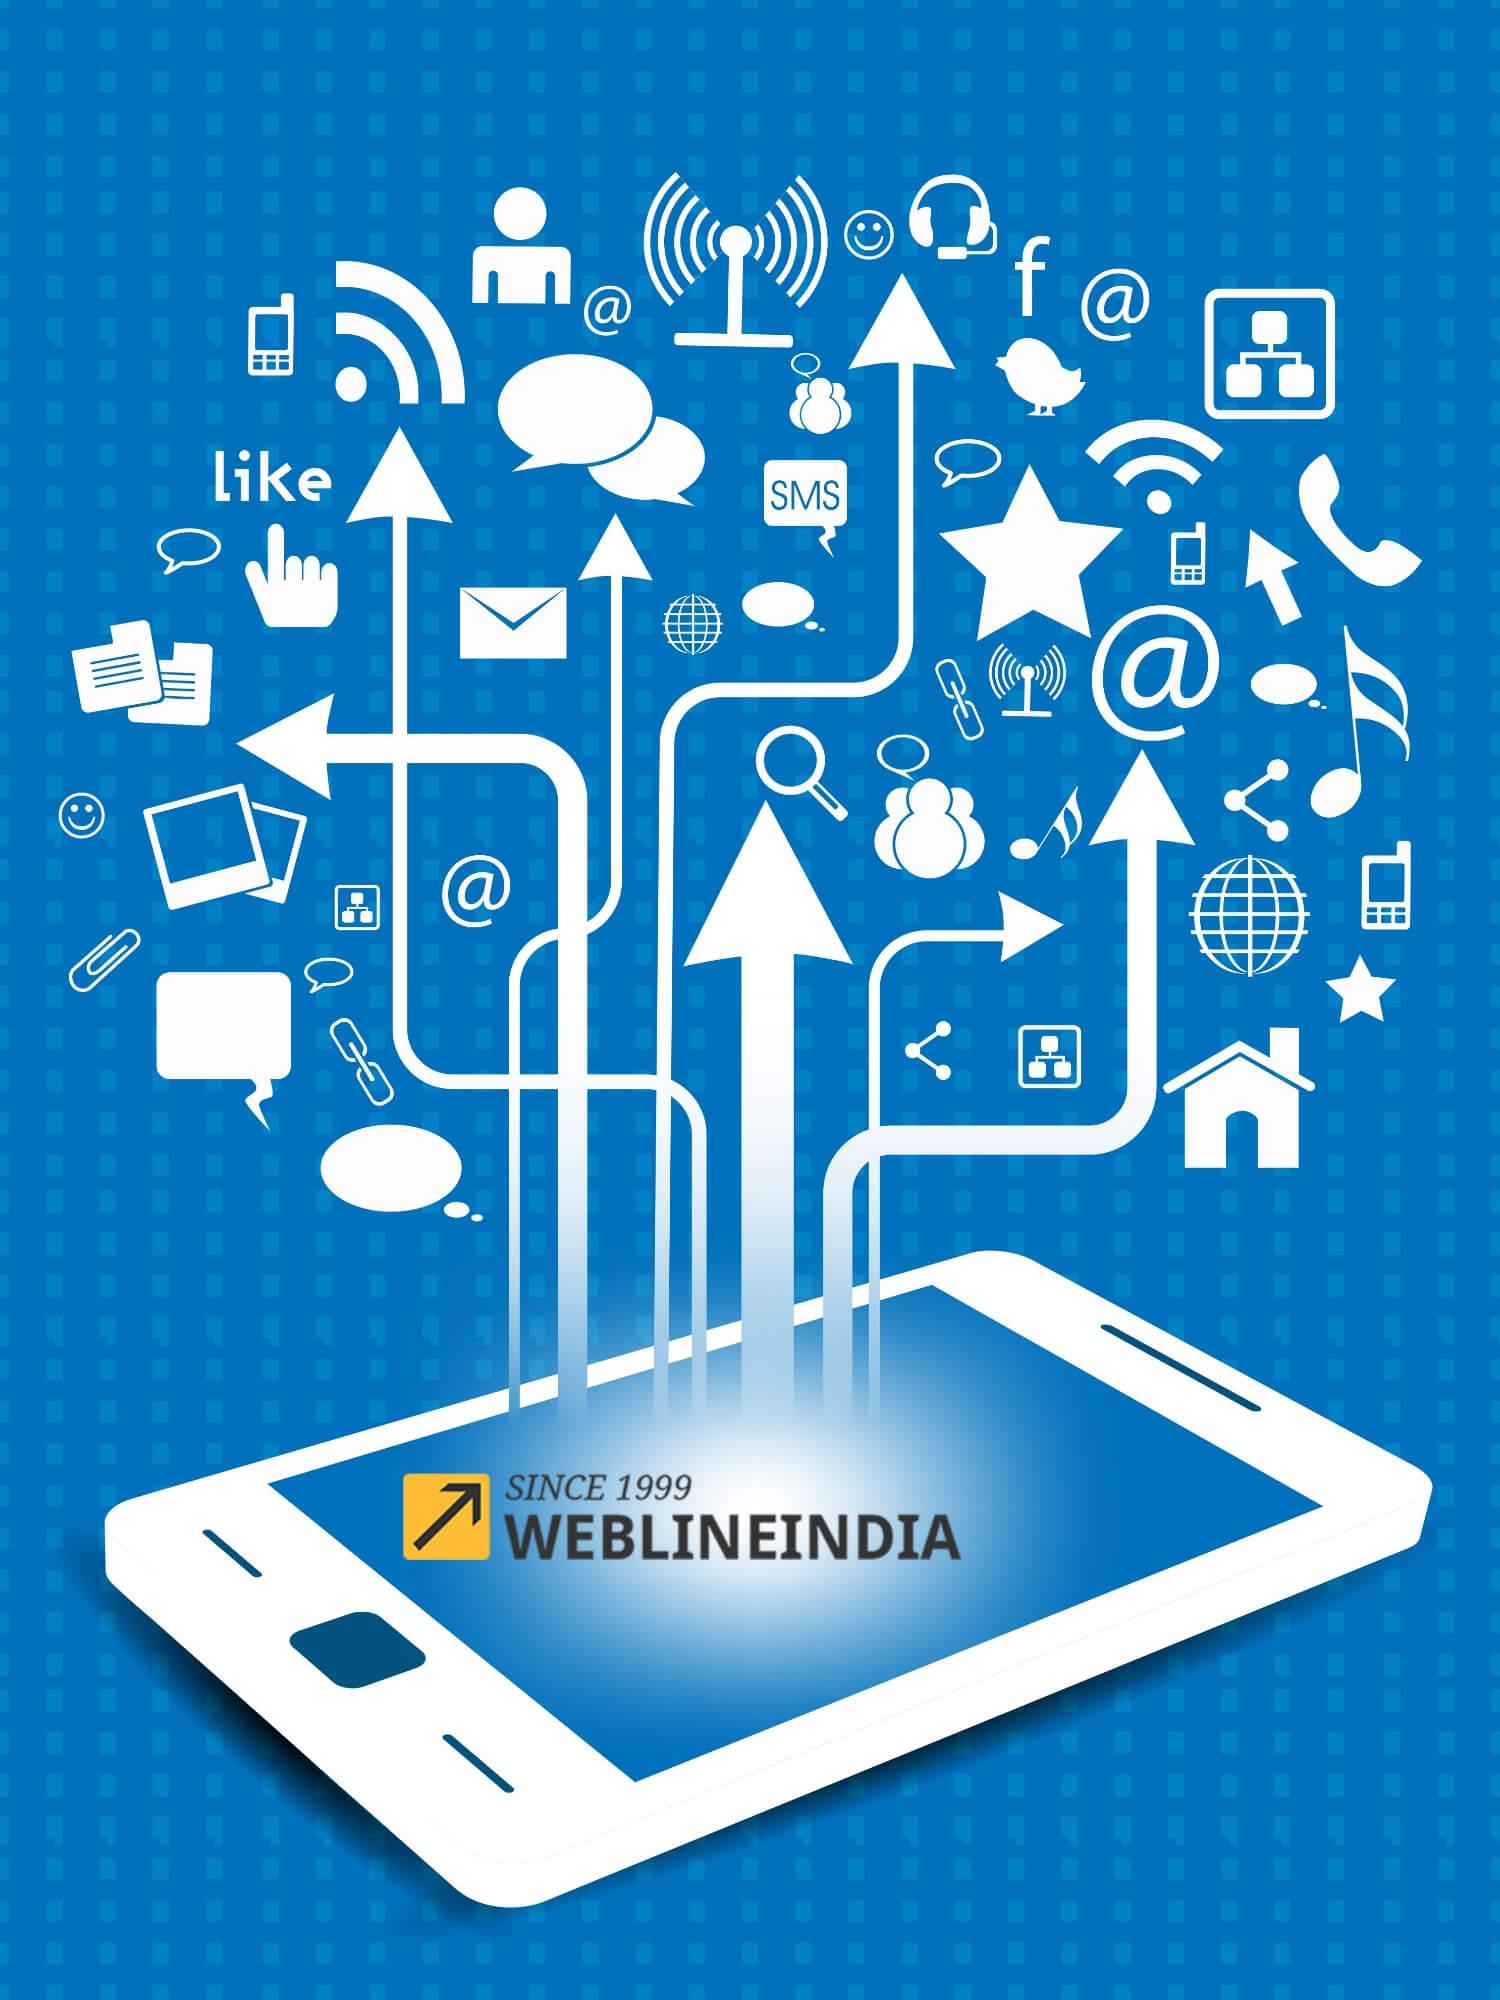 mobile-app-development-weblineindia